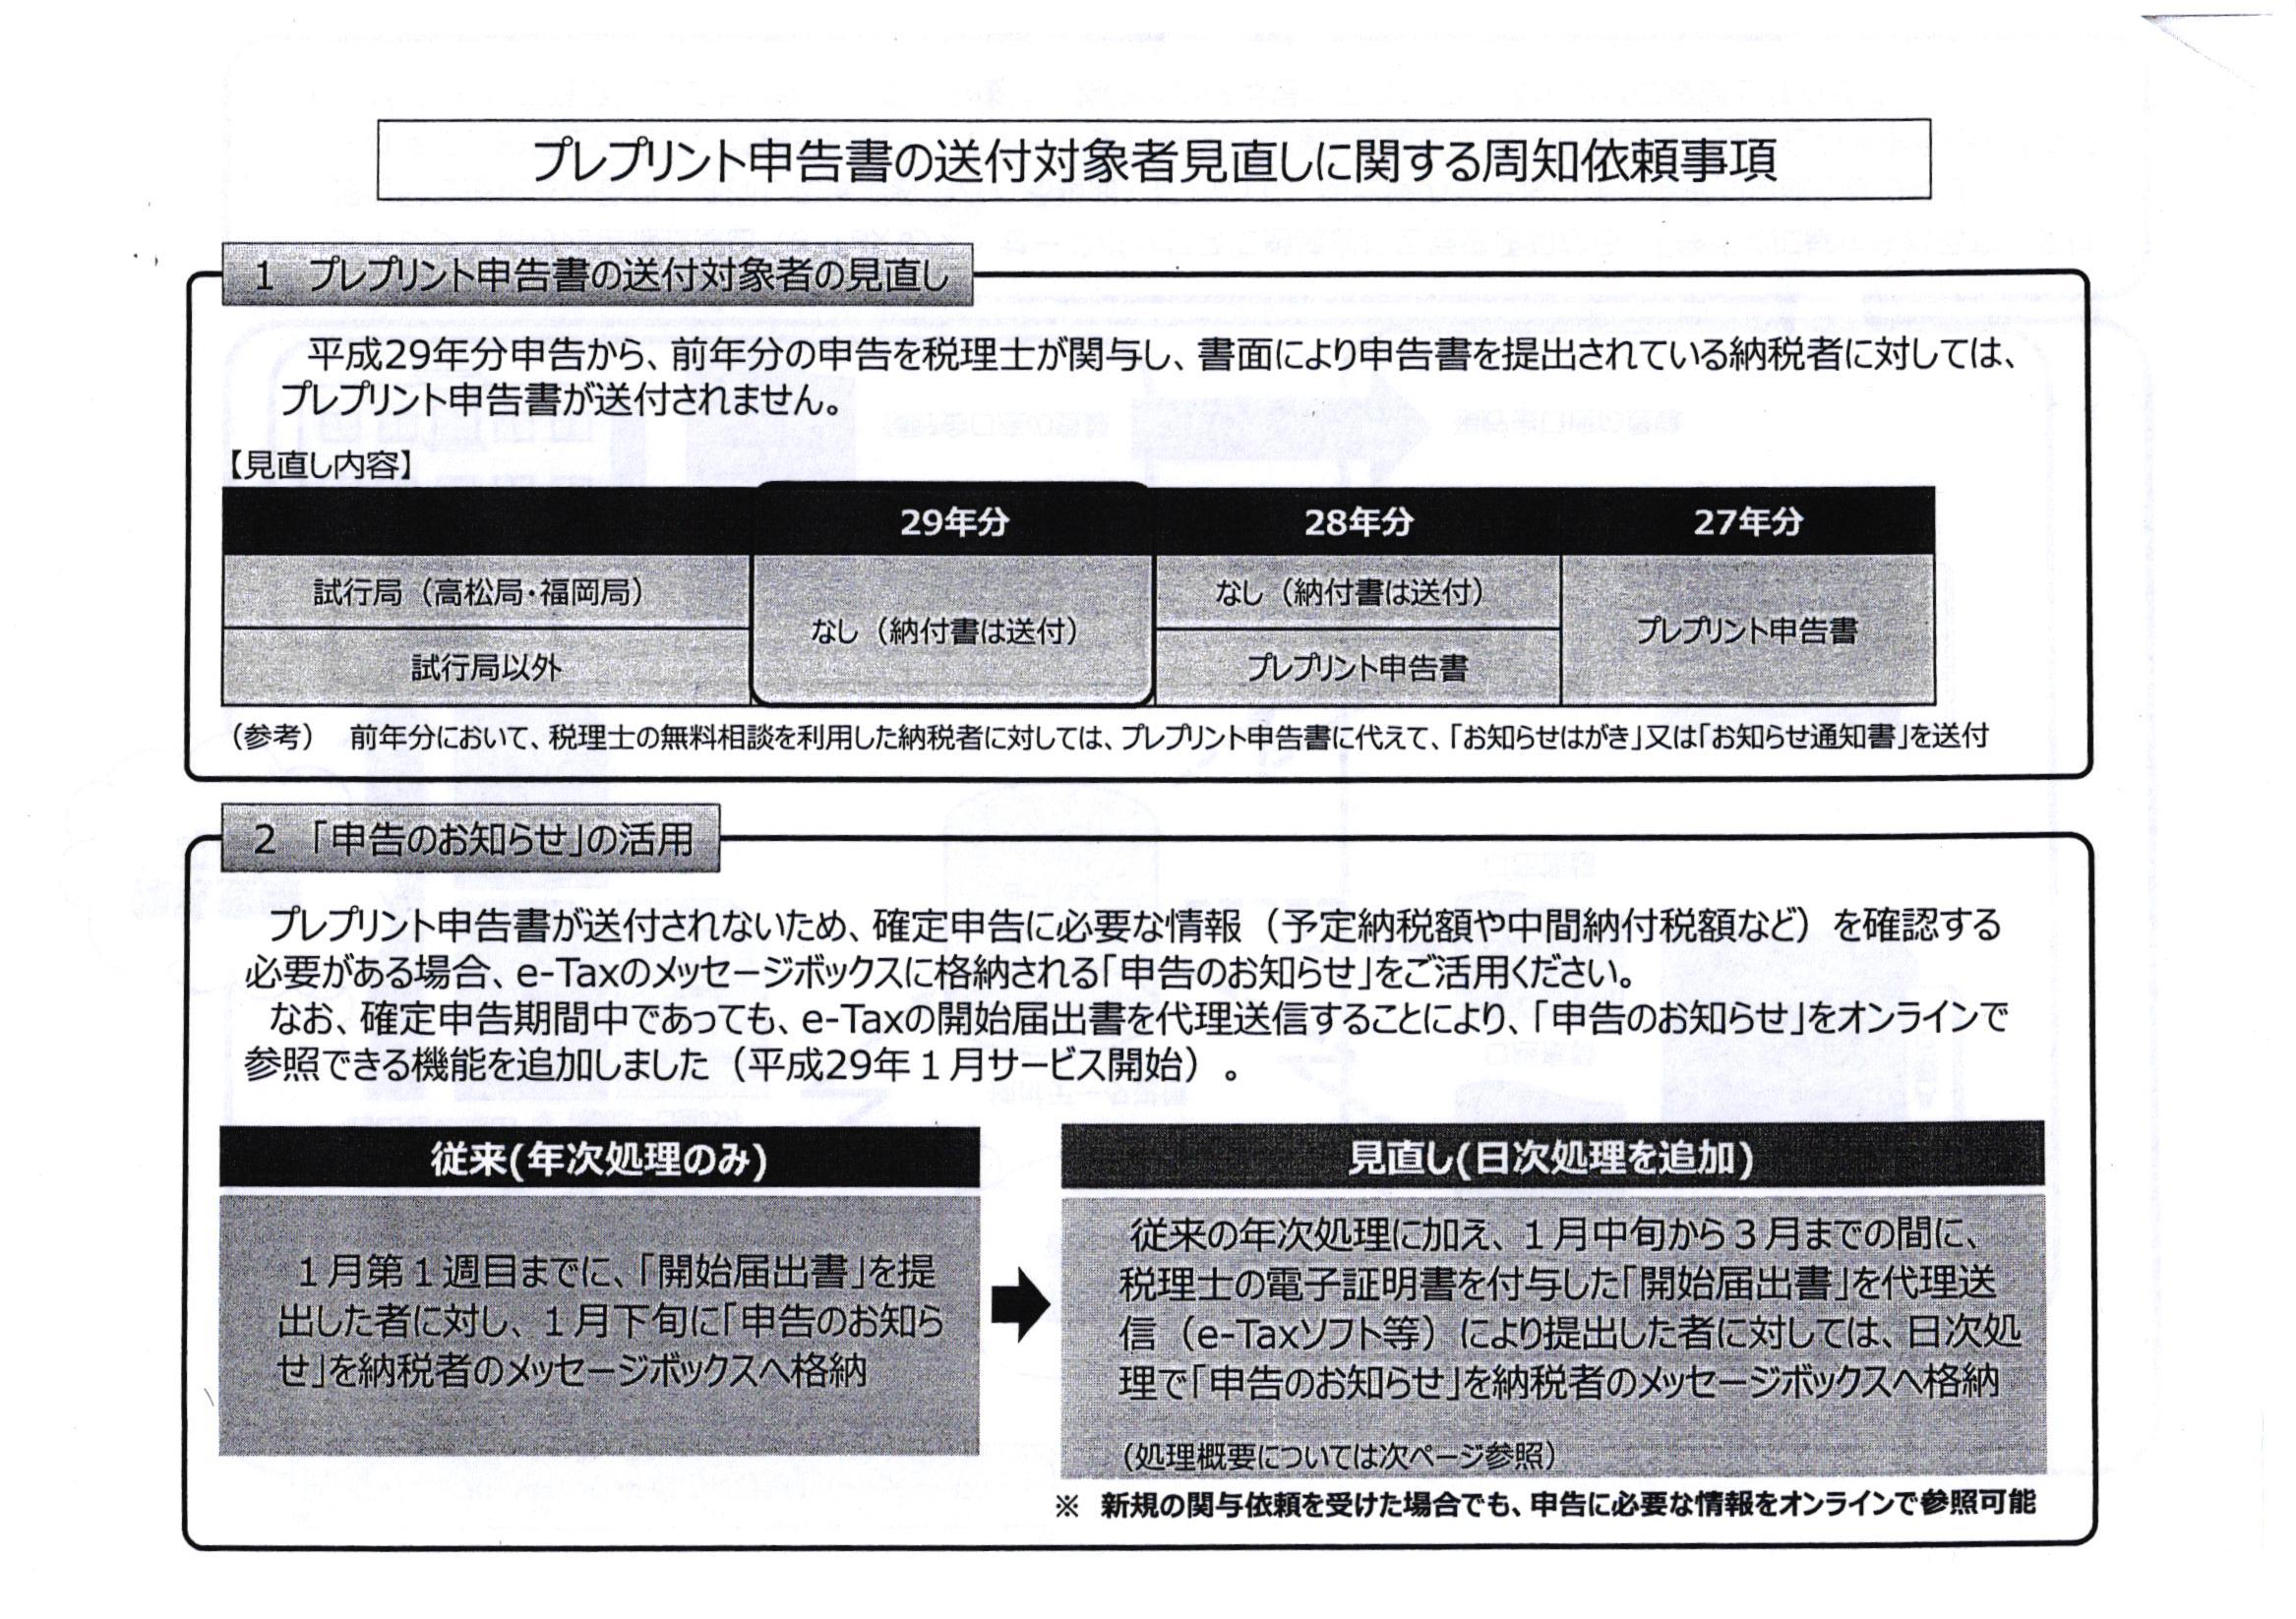 プレプリント申告・ダイレクト納付2017年12月14日12時04分33秒_001